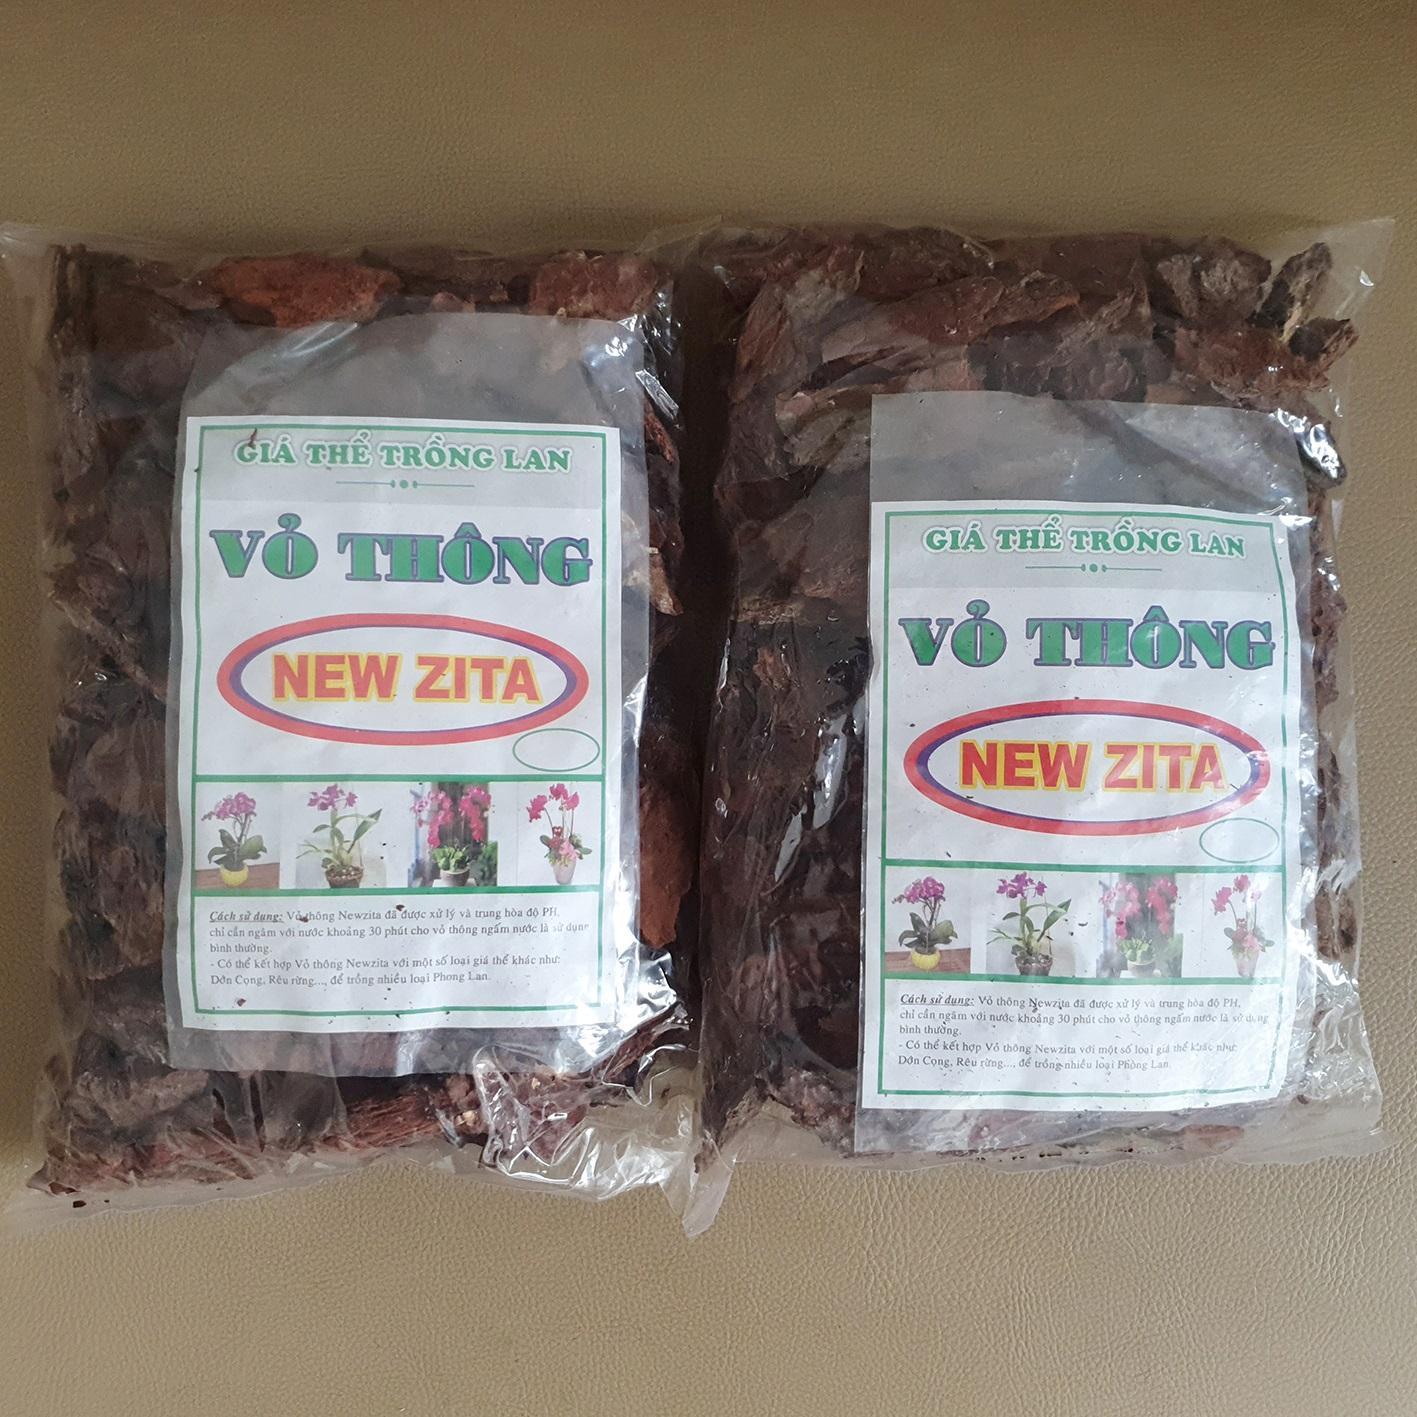 02 gói vỏ thông New Zita trồng lan đã qua xử lý (500gr/gói)